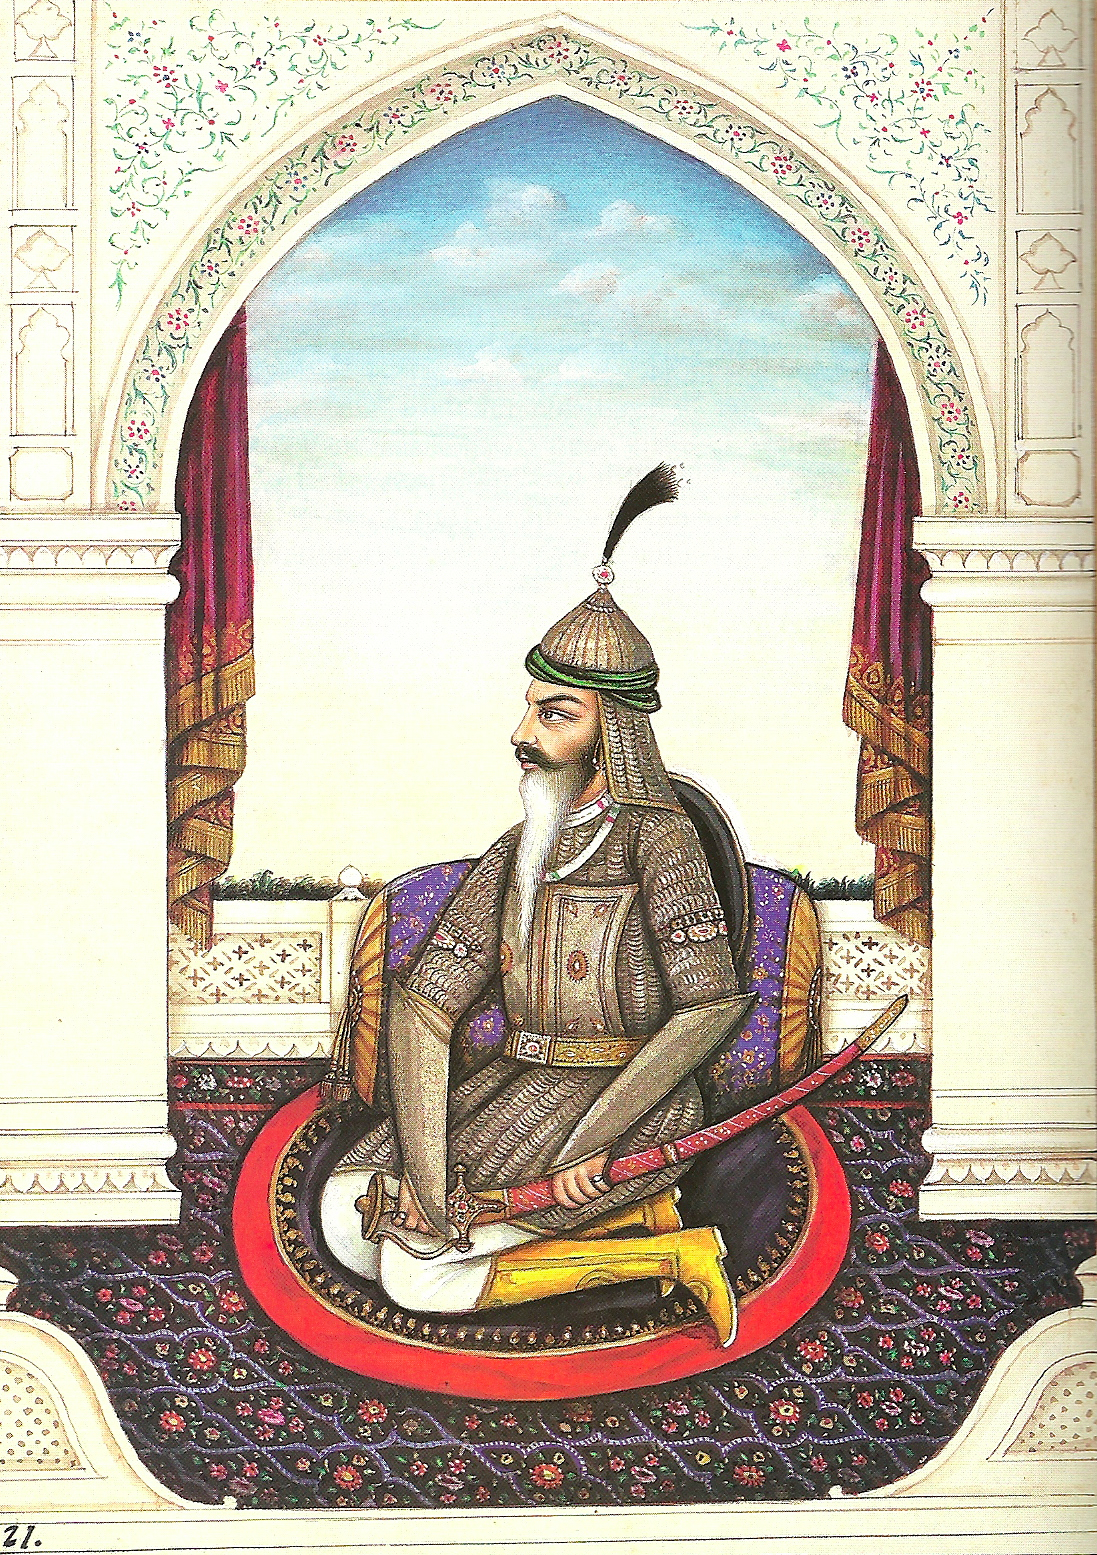 Hari Singh Nalwa - Wikipedia